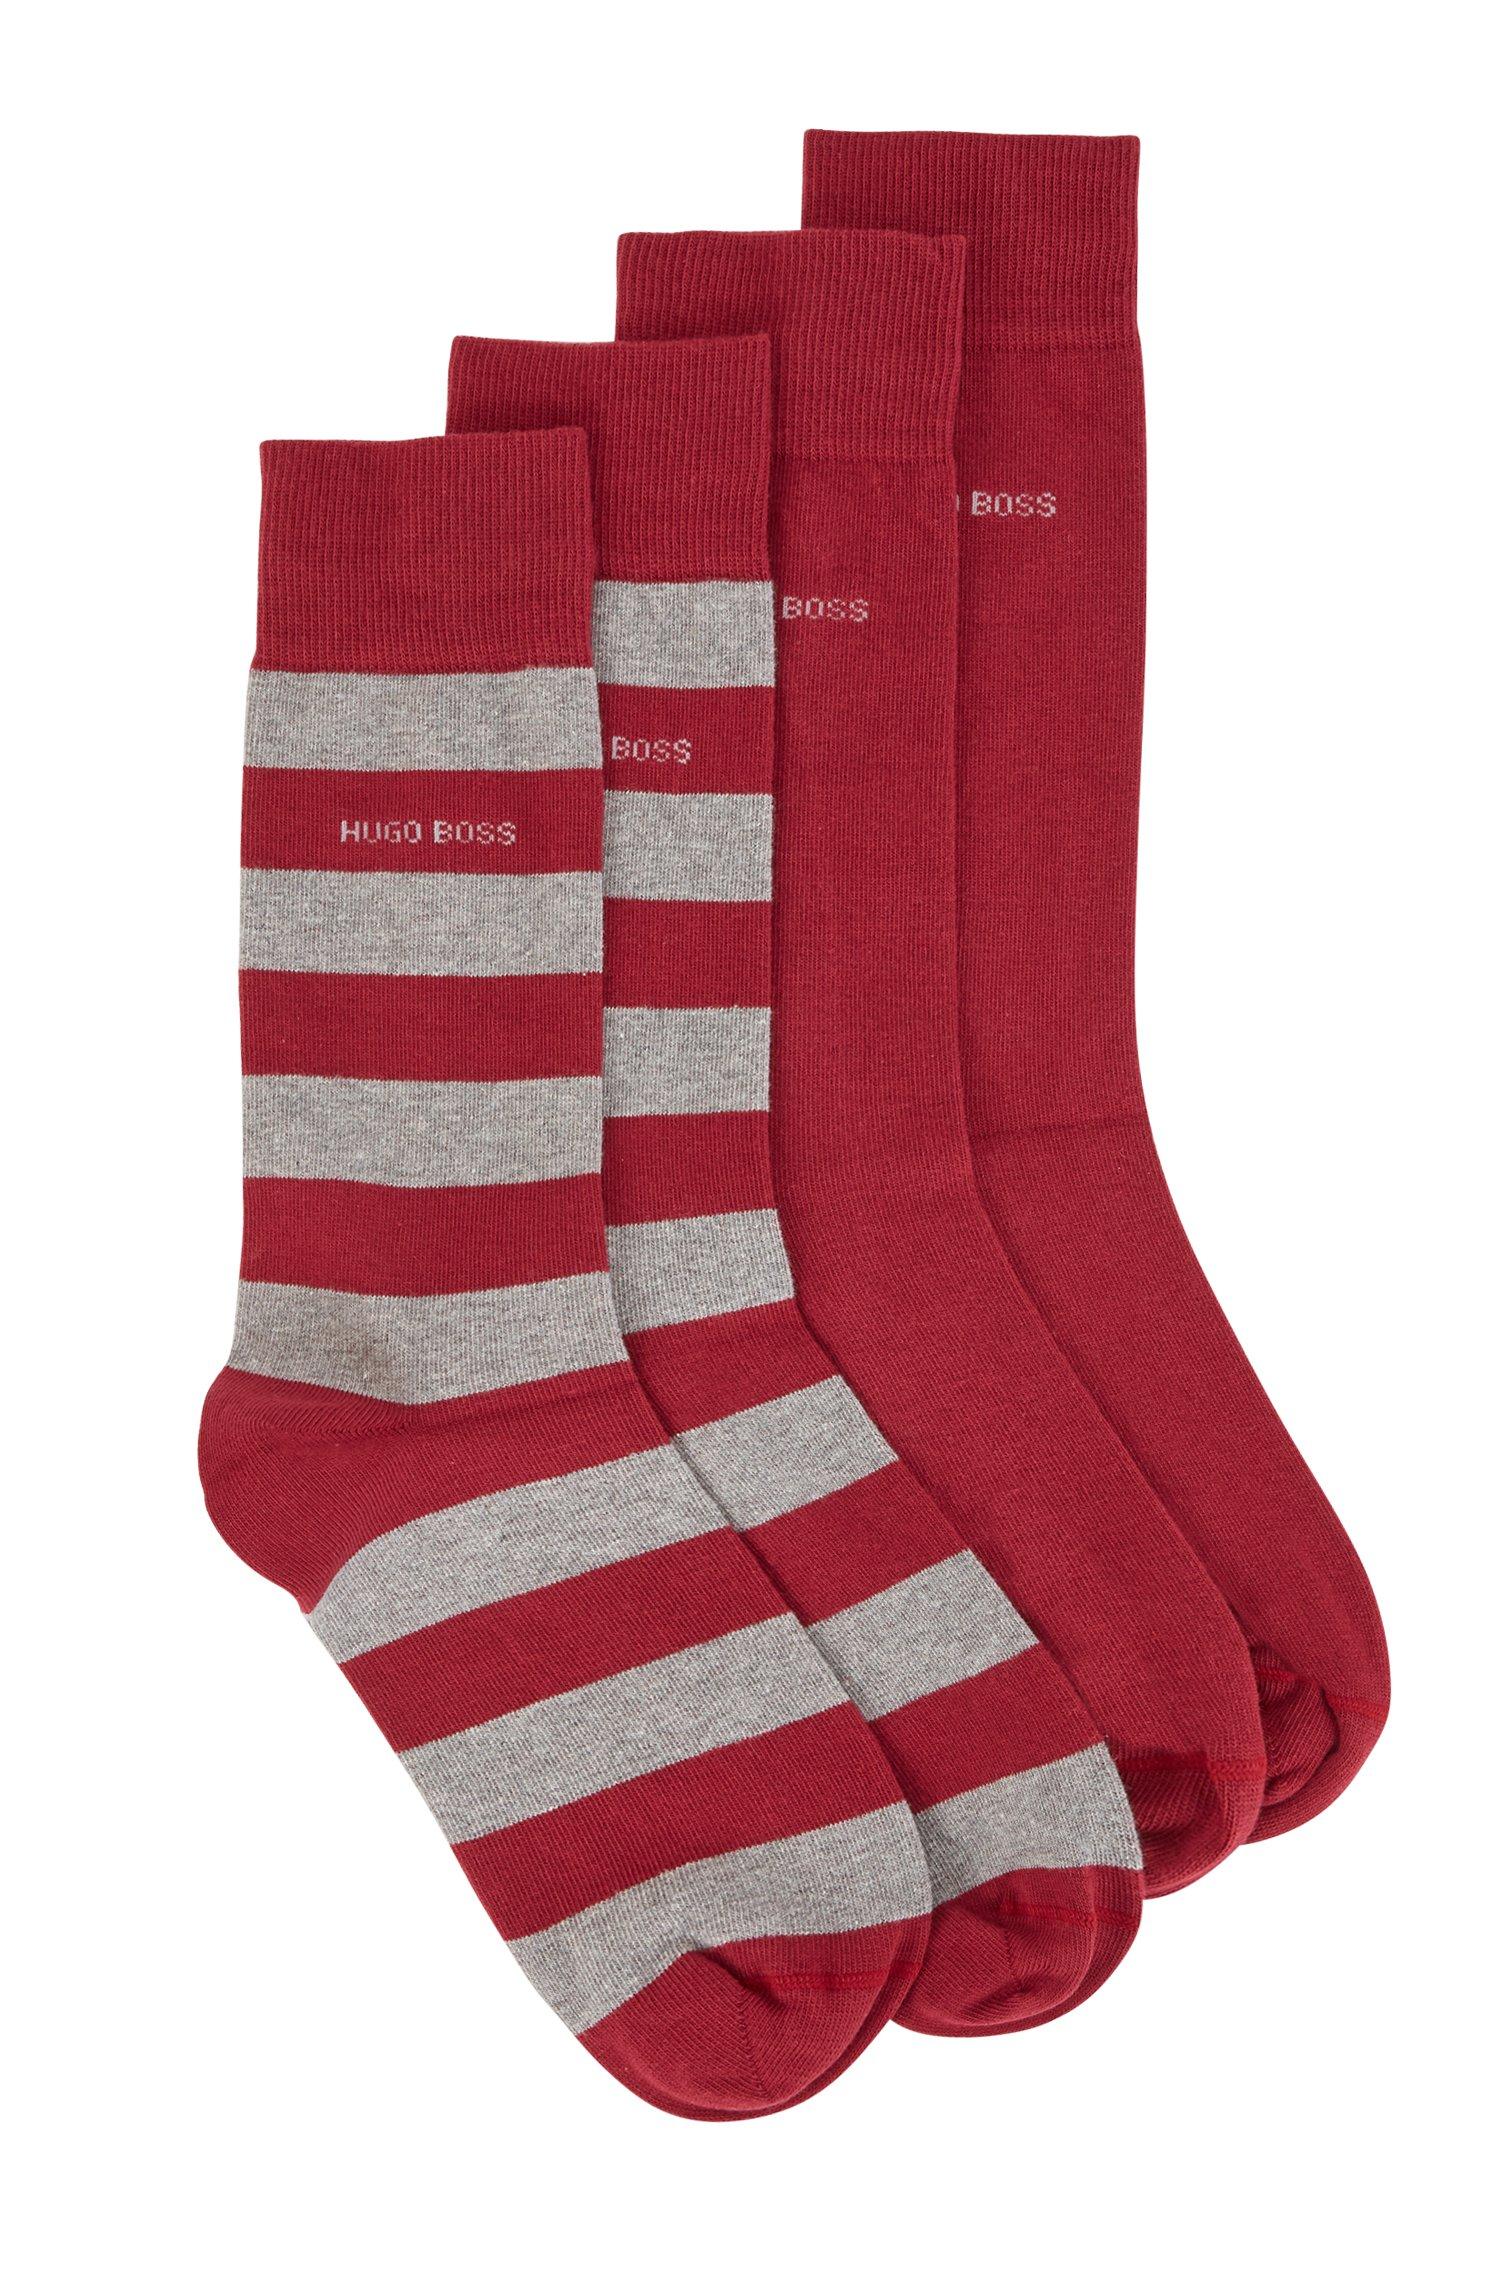 Zweier-Pack Socken aus gekämmtem Baumwoll-Mix, Dunkelrot